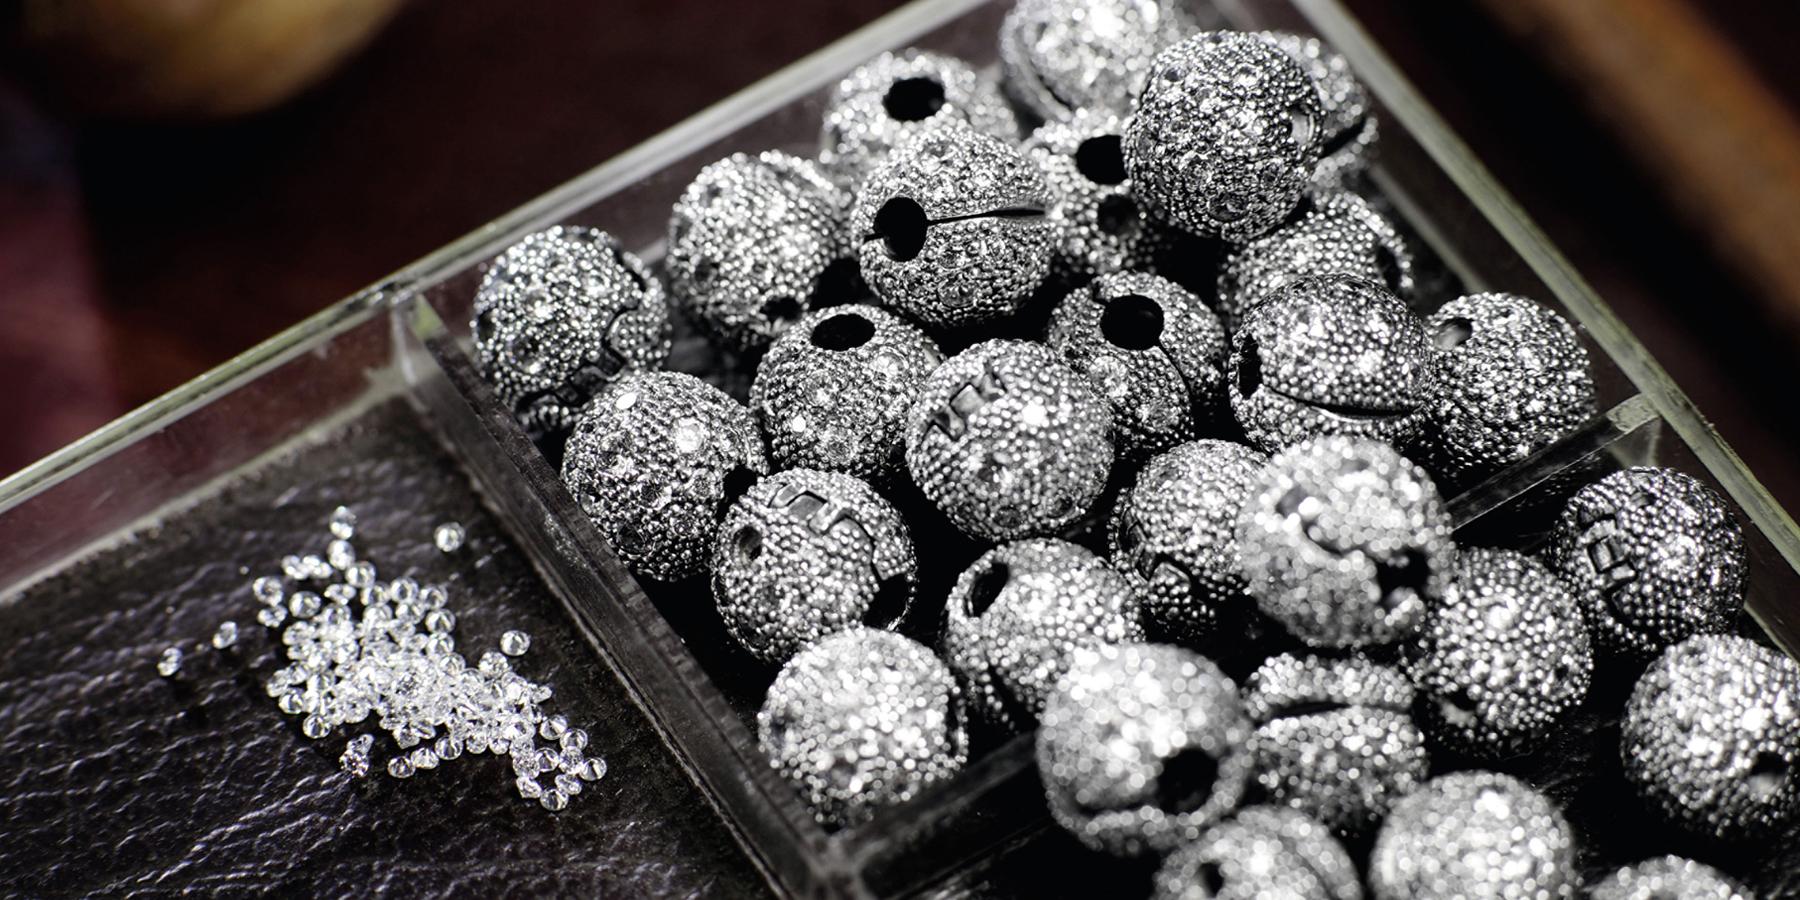 Κοσμήματα γένους θηλυκού – longform.protothema.gr 2876586063f